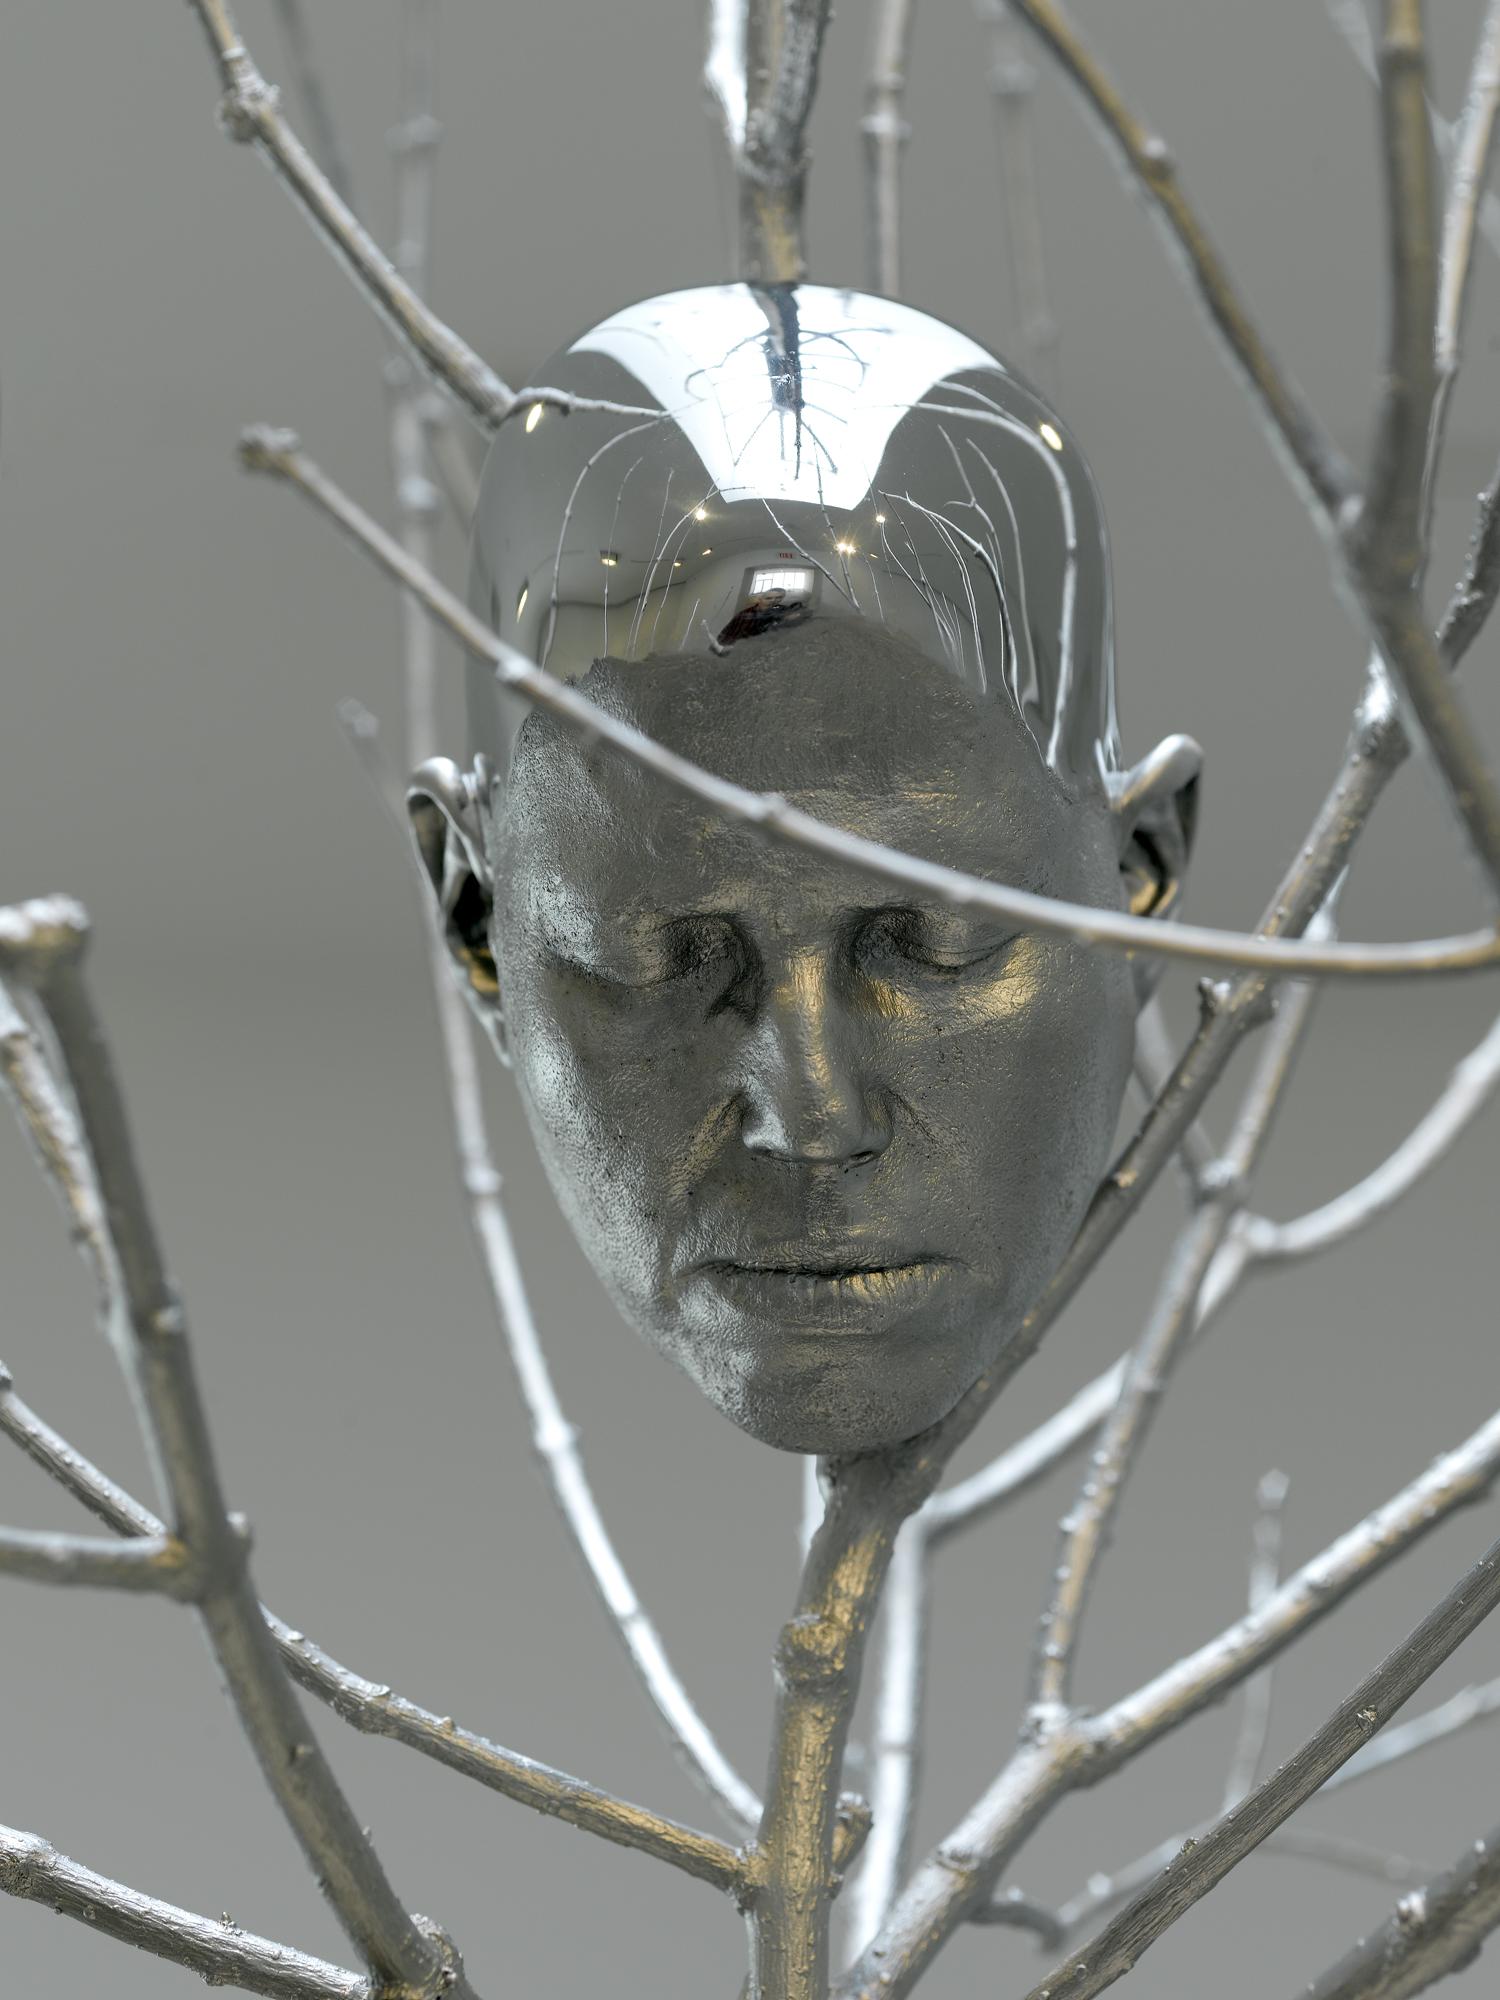 02_head_in_tree.jpg